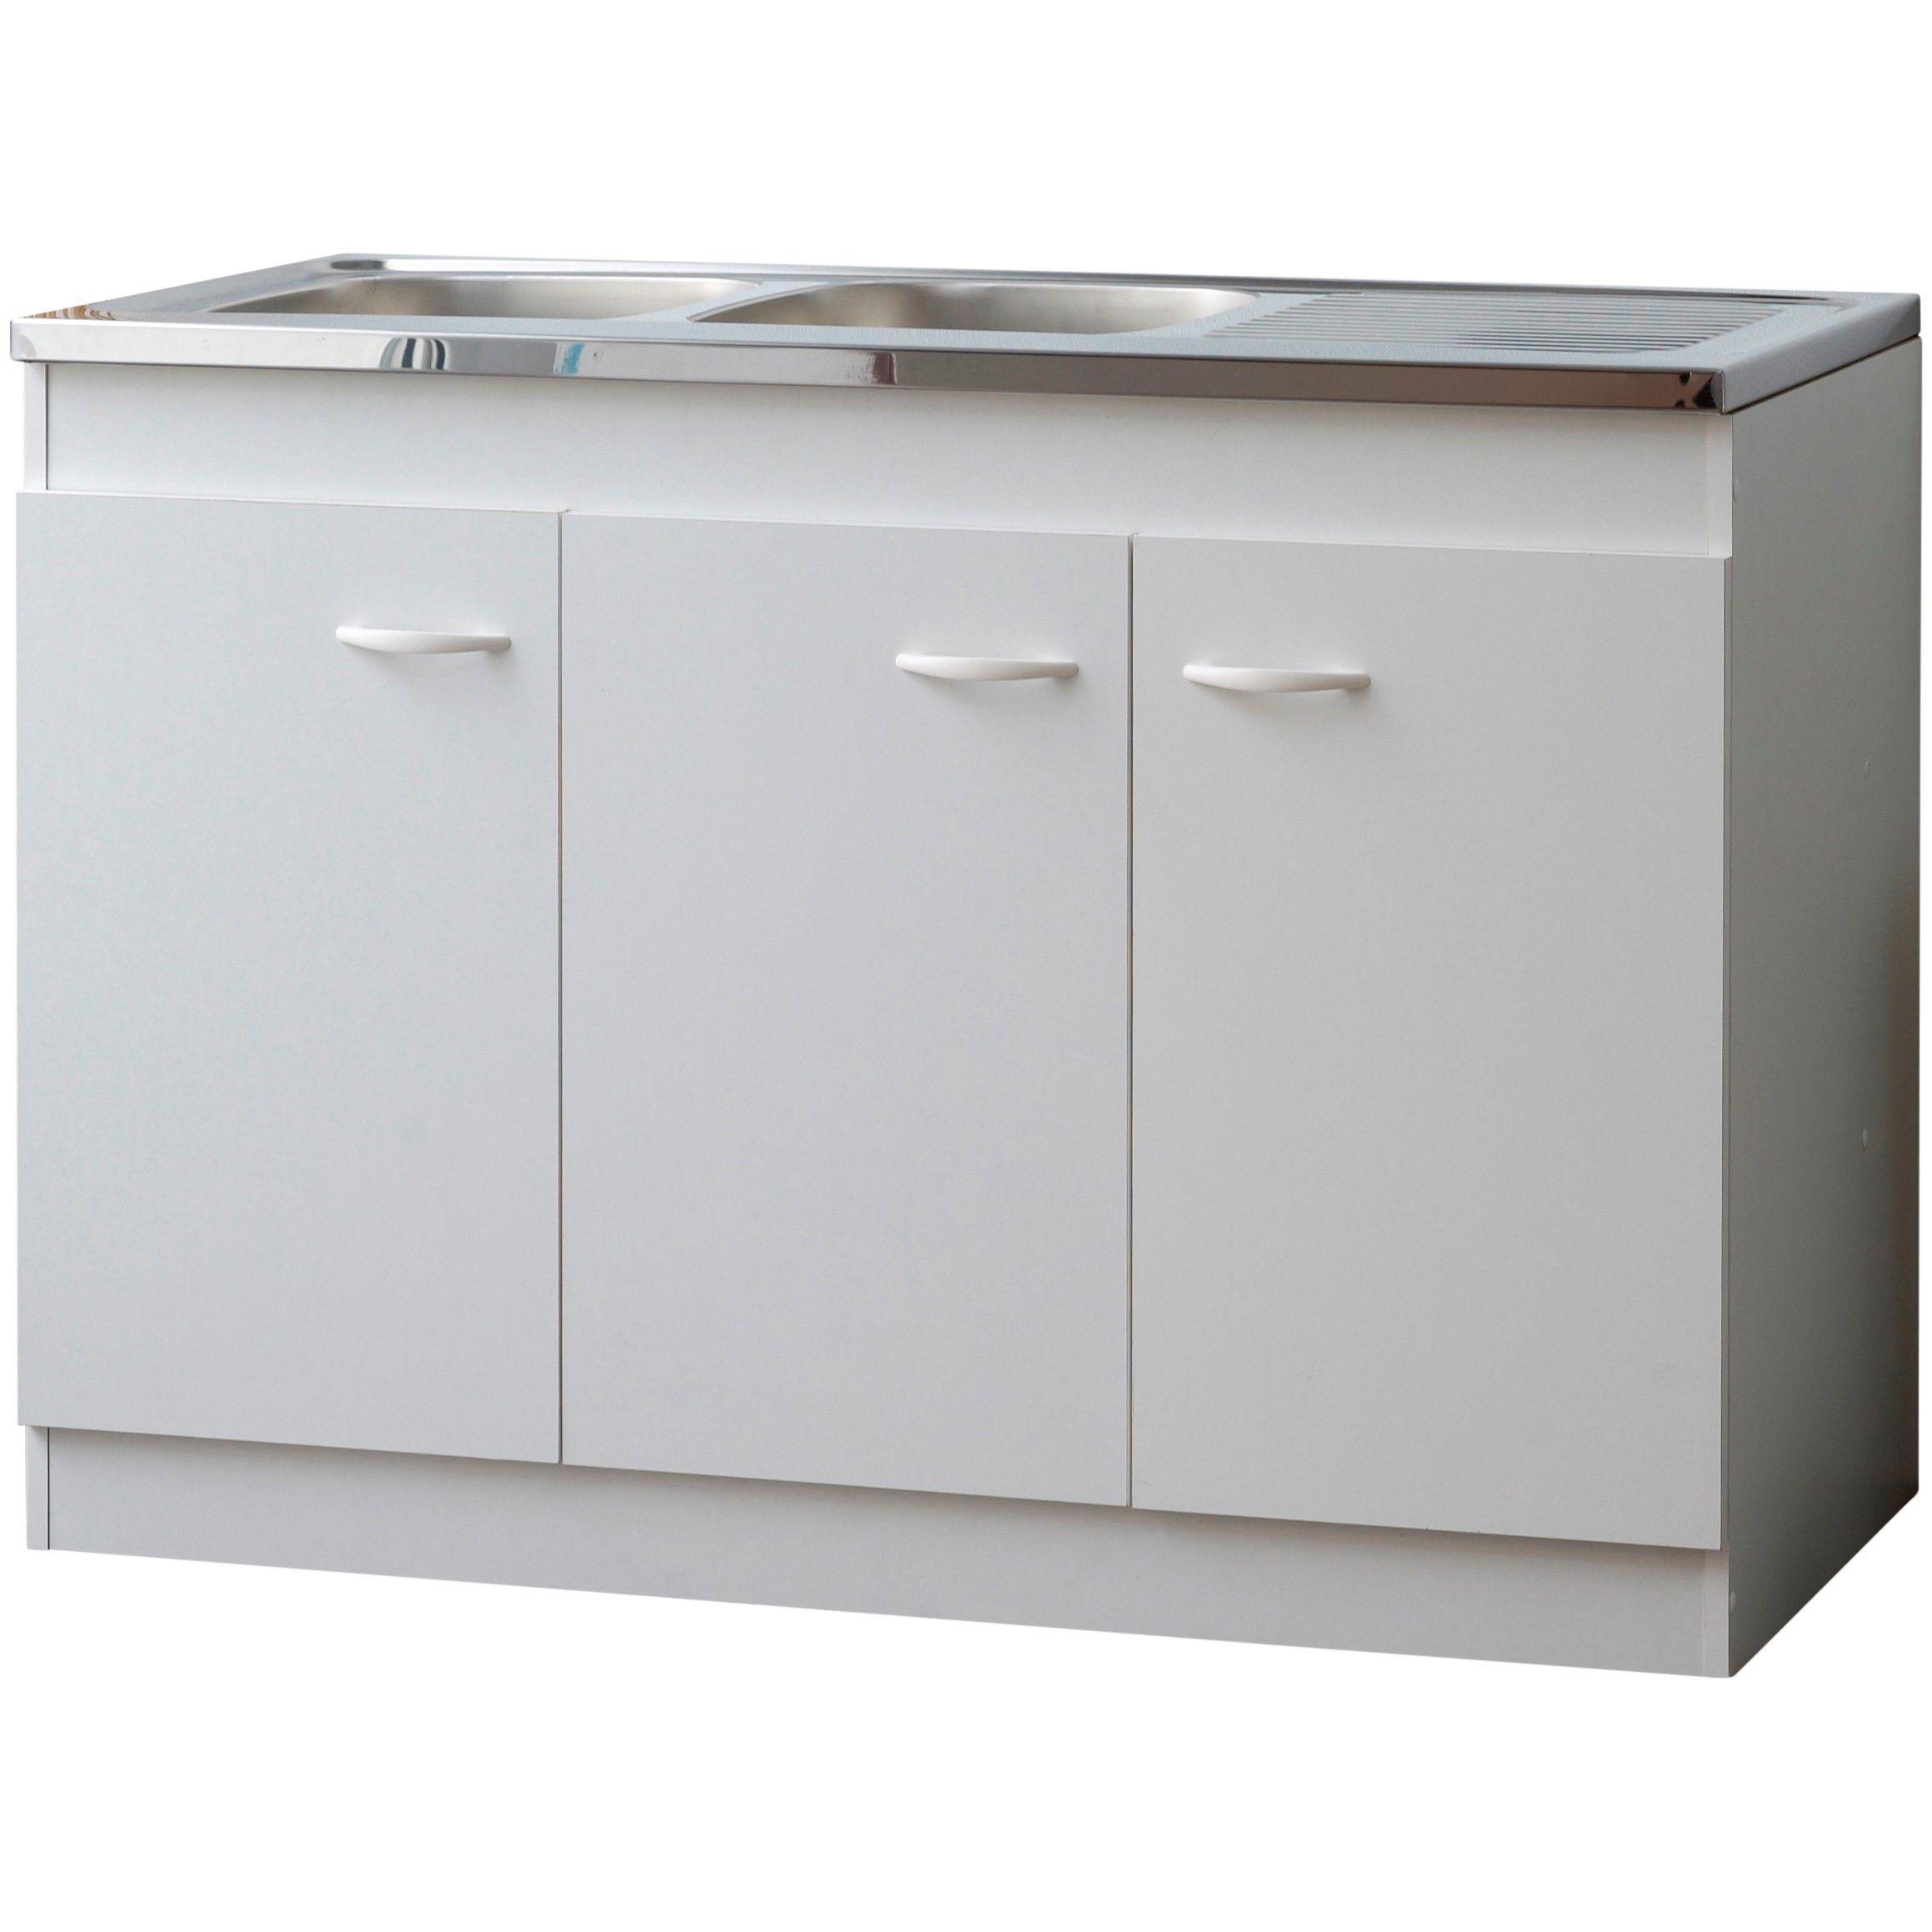 armoire basse pour evier avec 3 portes 120 cm